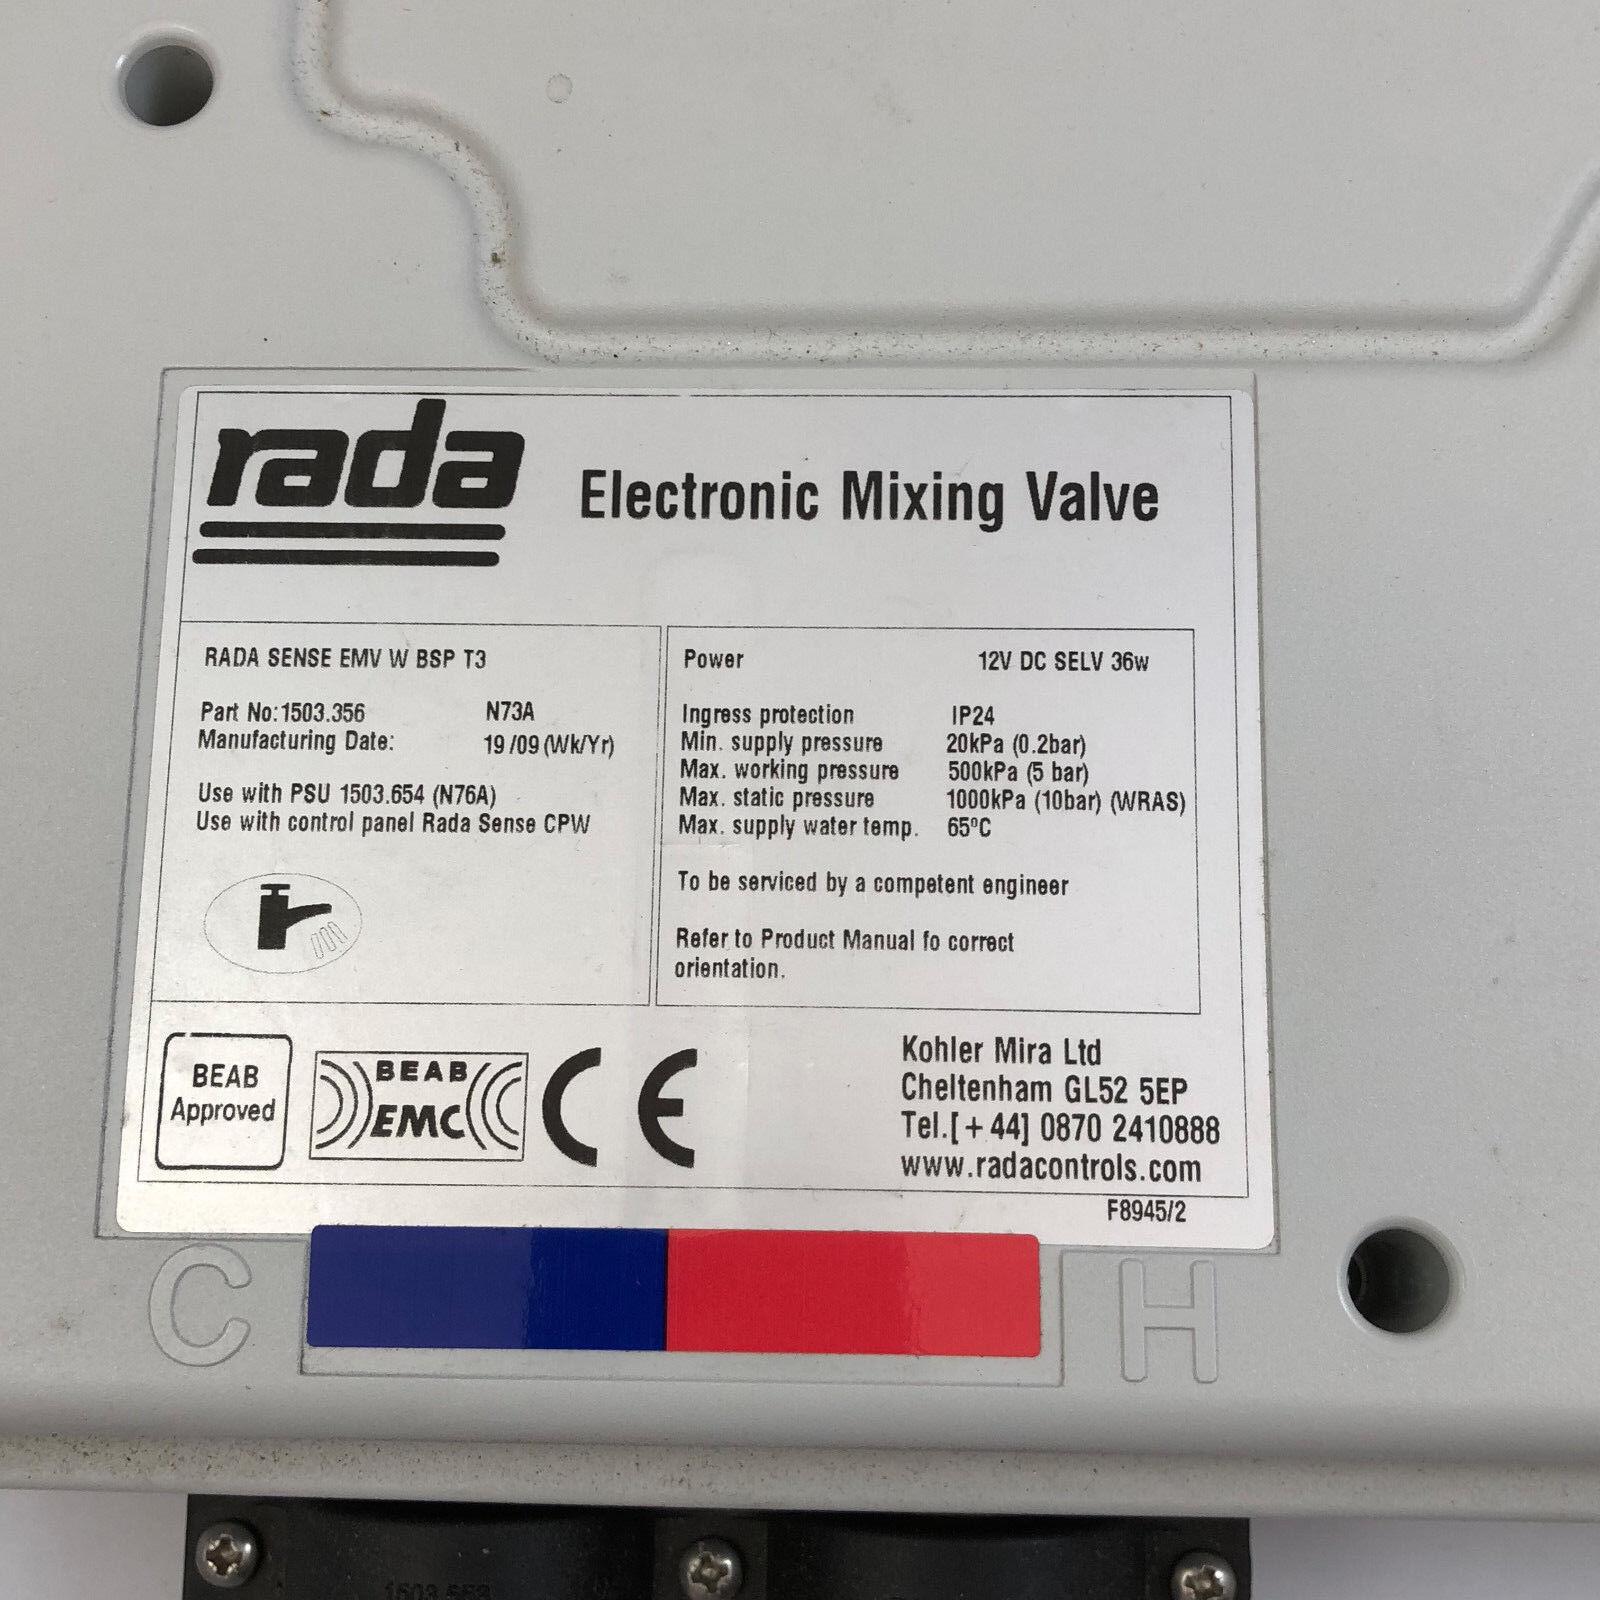 Rada sens électronique vanne de mélange mélange mélange pour bassin robinet emvw BSP T3 | Avec Une Réputation De Longue Date  e8a09d